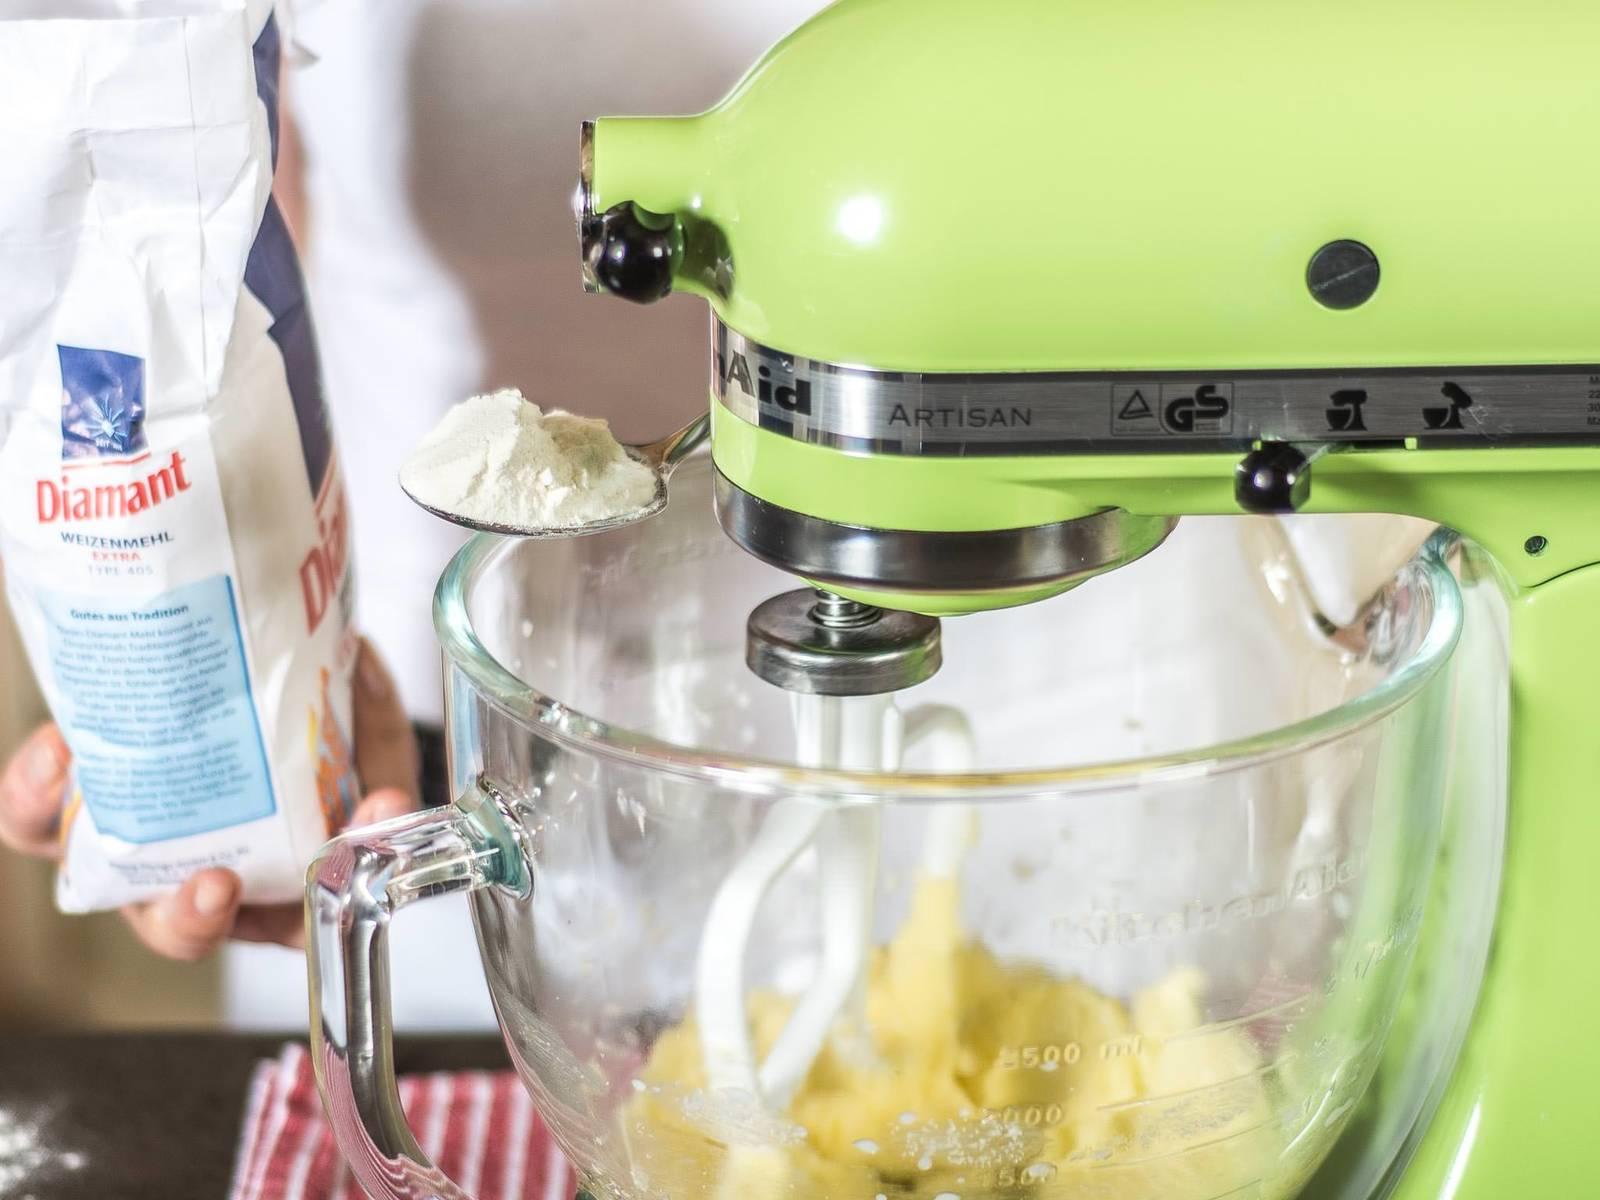 Anschließend Mehl hinzugeben und ebenso mit der Masse verkneten. Den Teig dann mit den Händen glatt kneten, in Frischhaltefolie wickeln und kühl stellen.